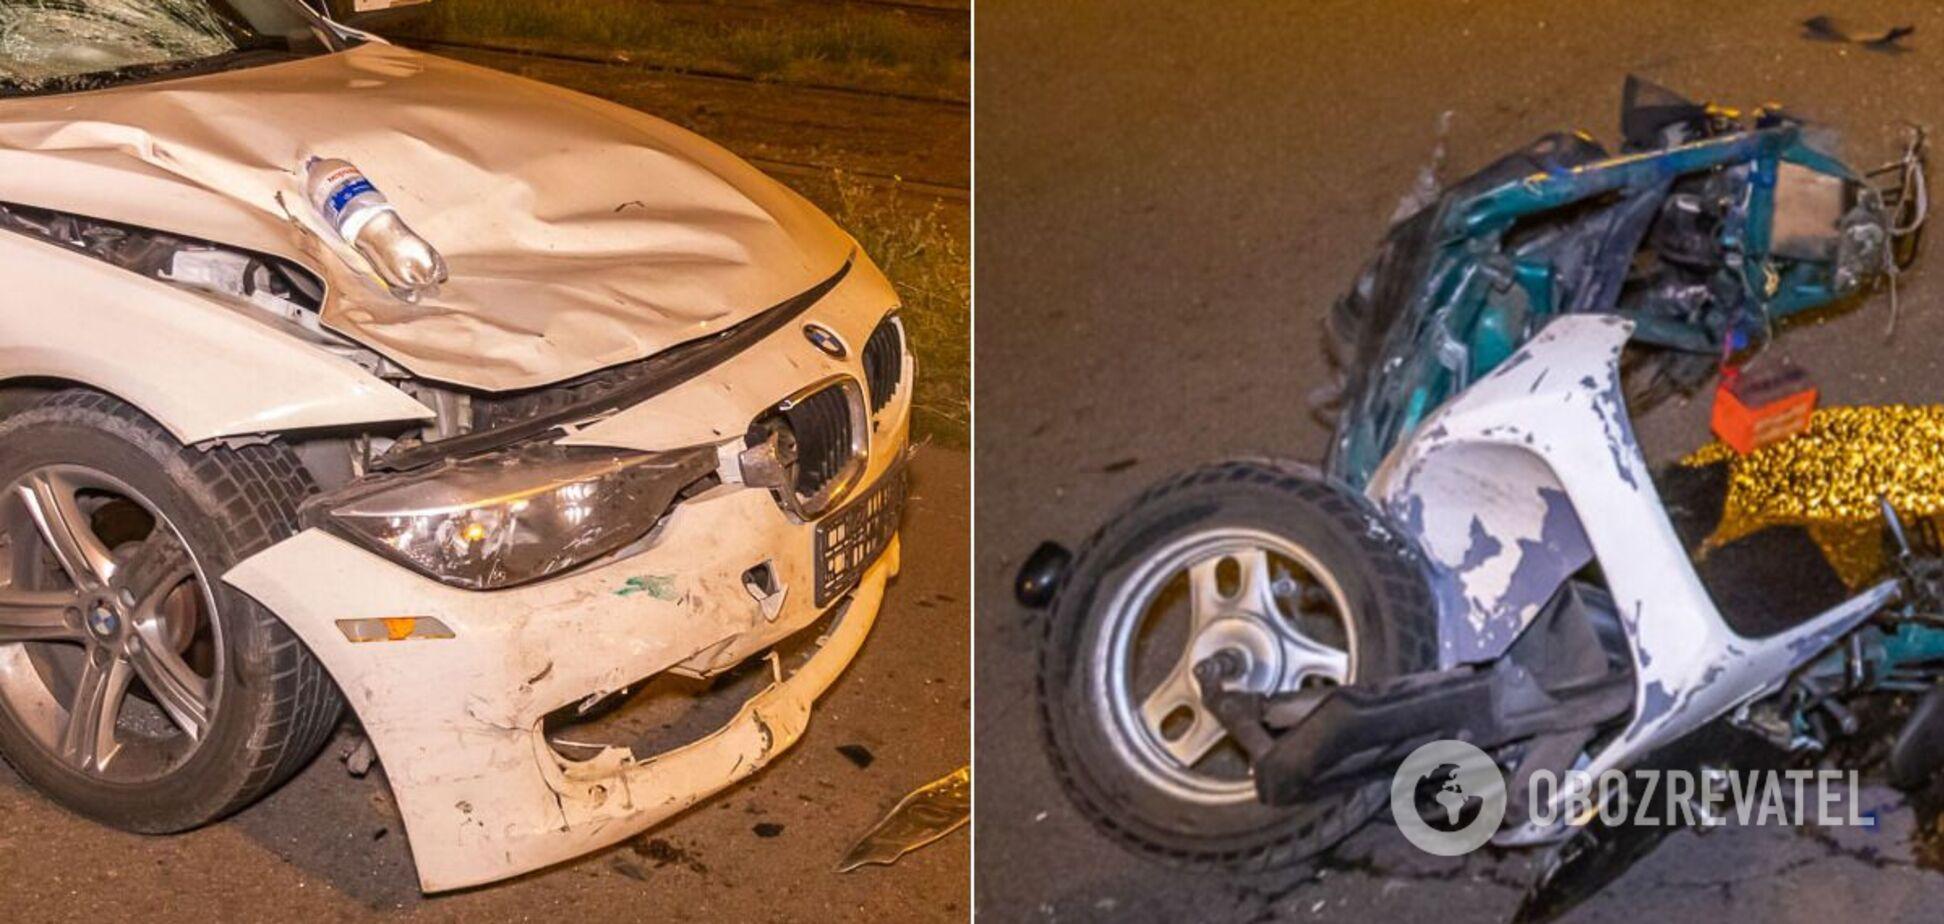 У Дніпрі скутерист зіткнувся з авто і загинув. Фото 18+